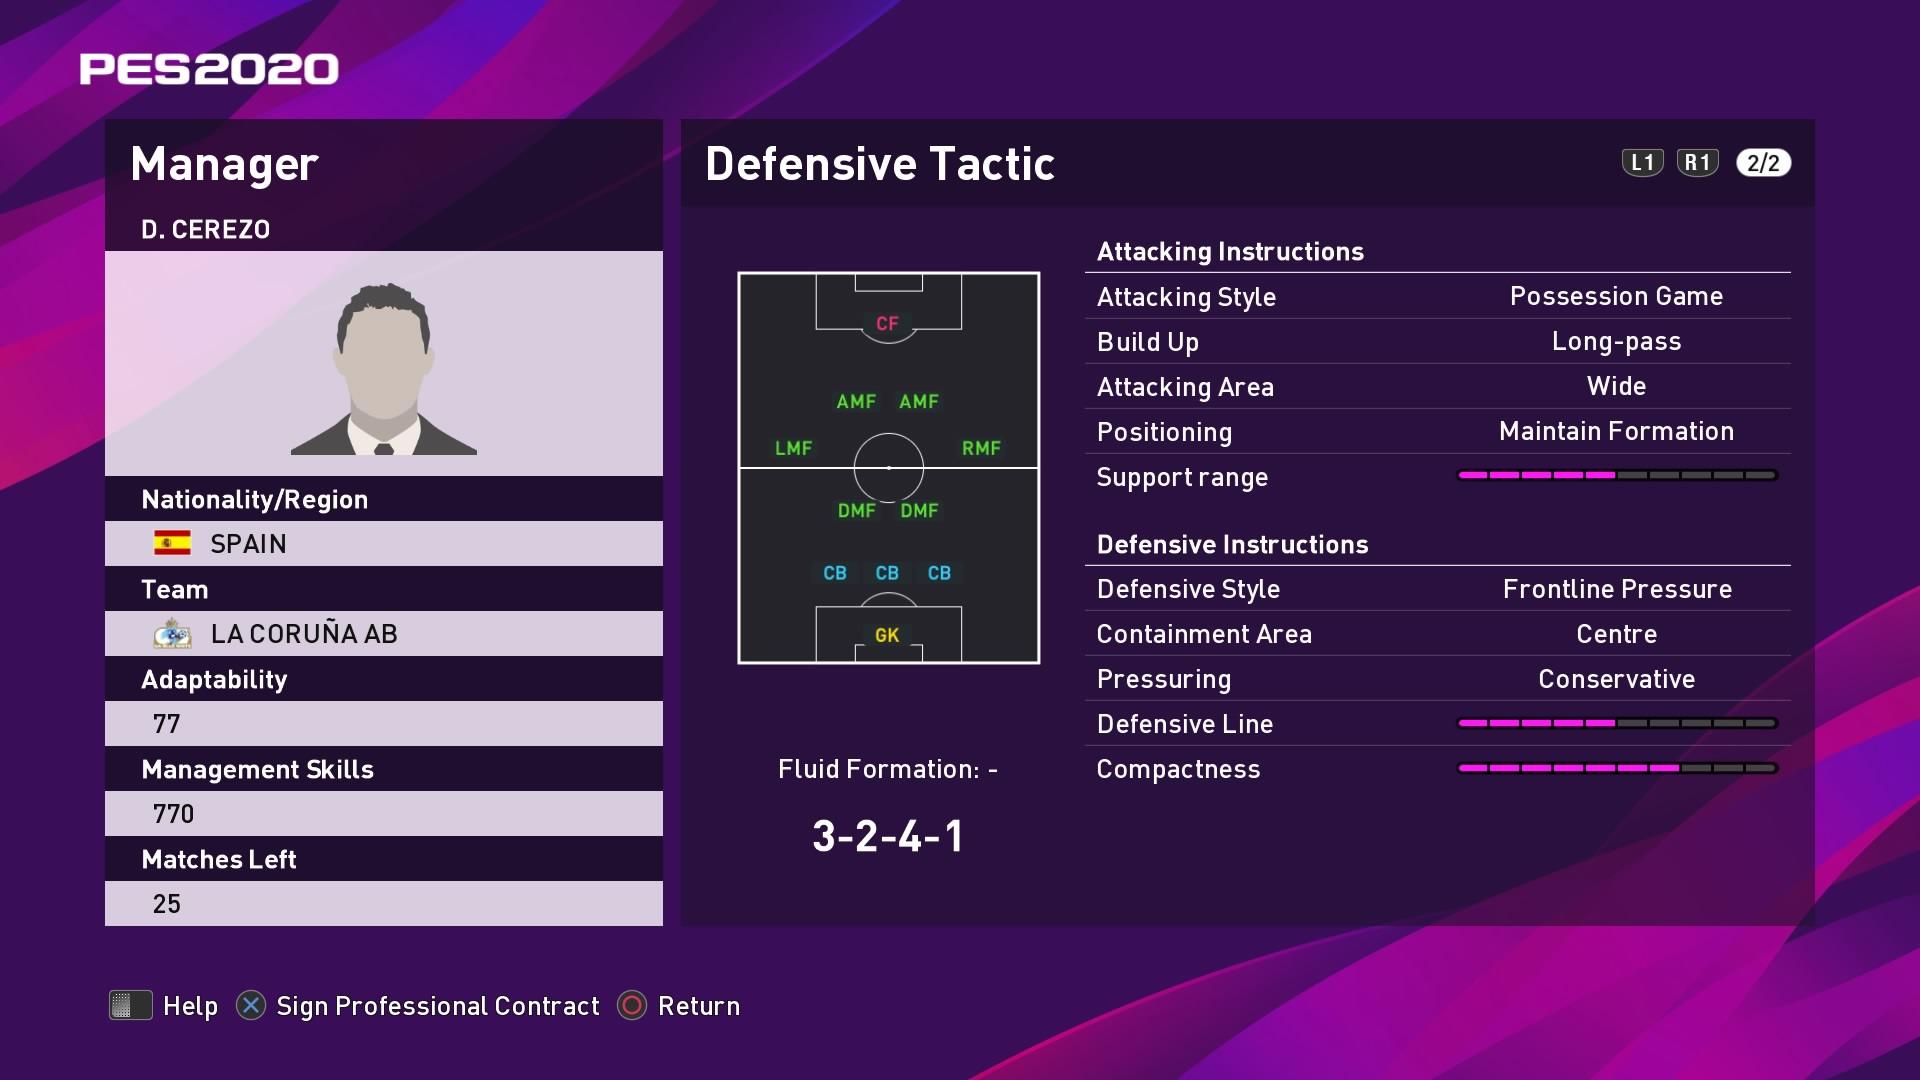 D. Cerezo (Fernando Vázquez) Defensive Tactic in PES 2020 myClub